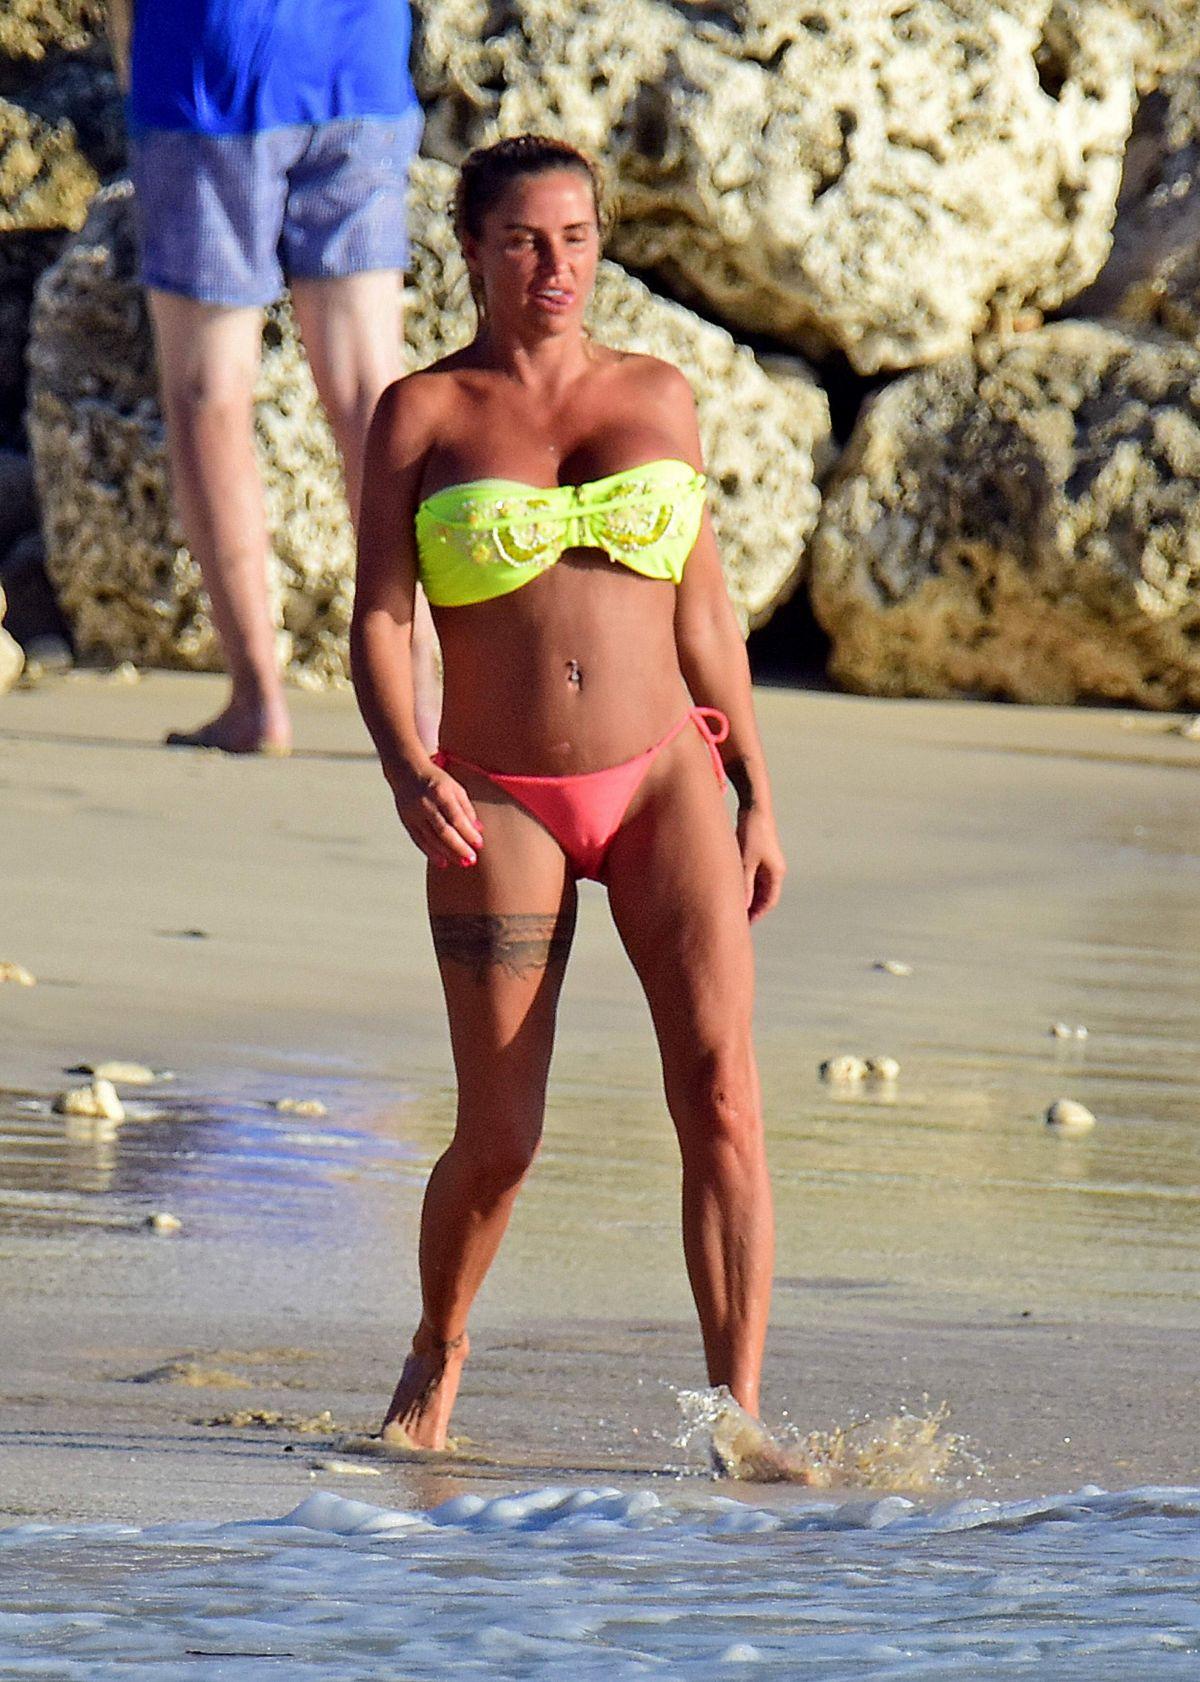 bikini price